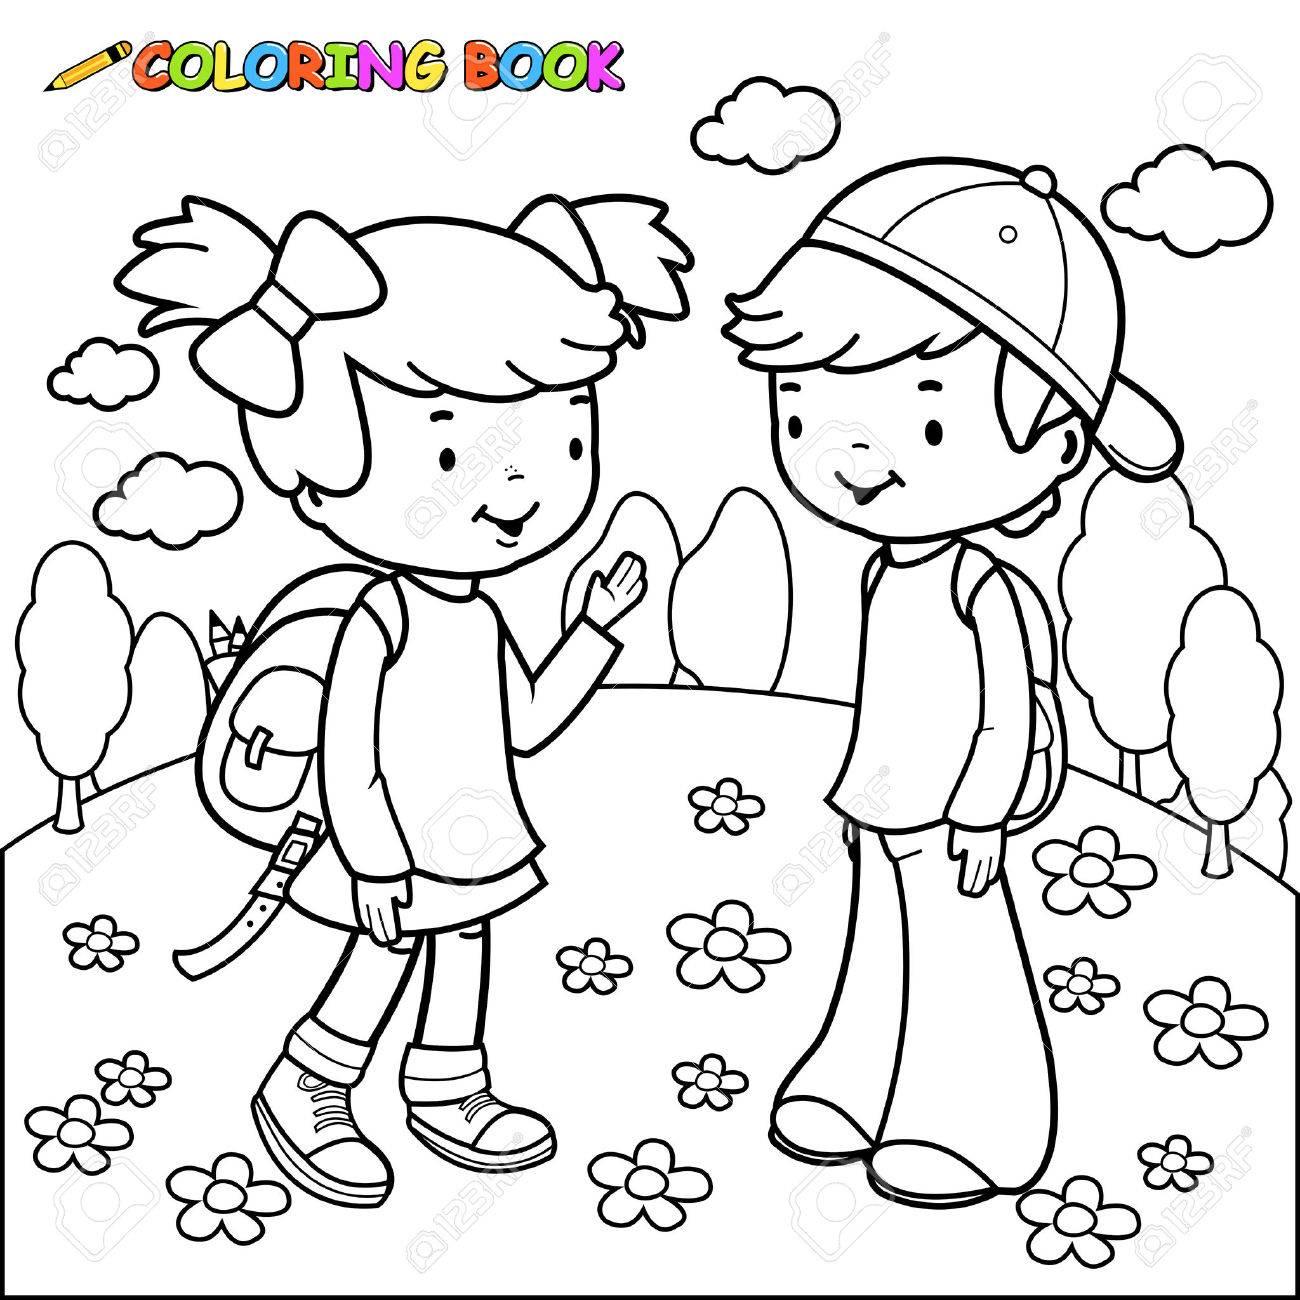 Coloriage Fille Garcon.Image De Contour Noir Et Blanc D Une Fille Et Un Garcon Etudiants Coloriage Page Du Livre